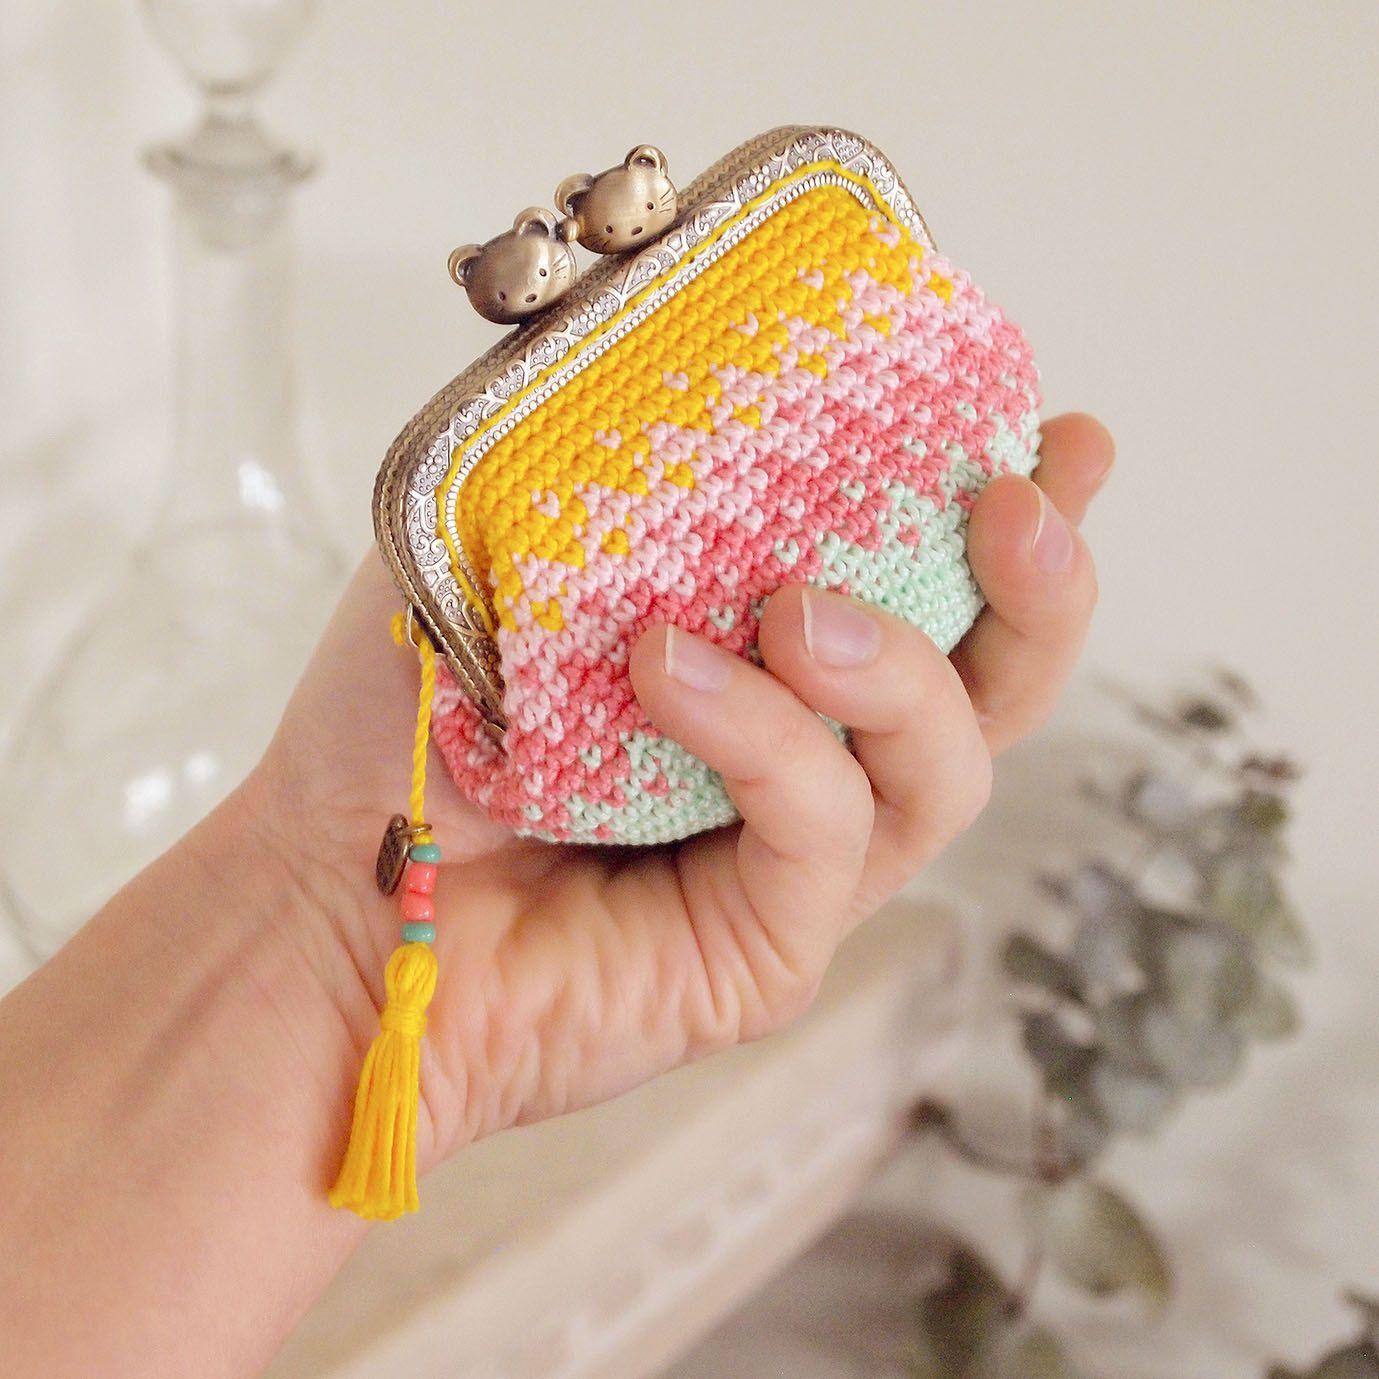 Monedero con boquilla clip metálica con cabeza de gatitos, tejido a mano en ganchillo tapestry crochet en colores menta, rosa y amarillo de Basimaker en Etsy